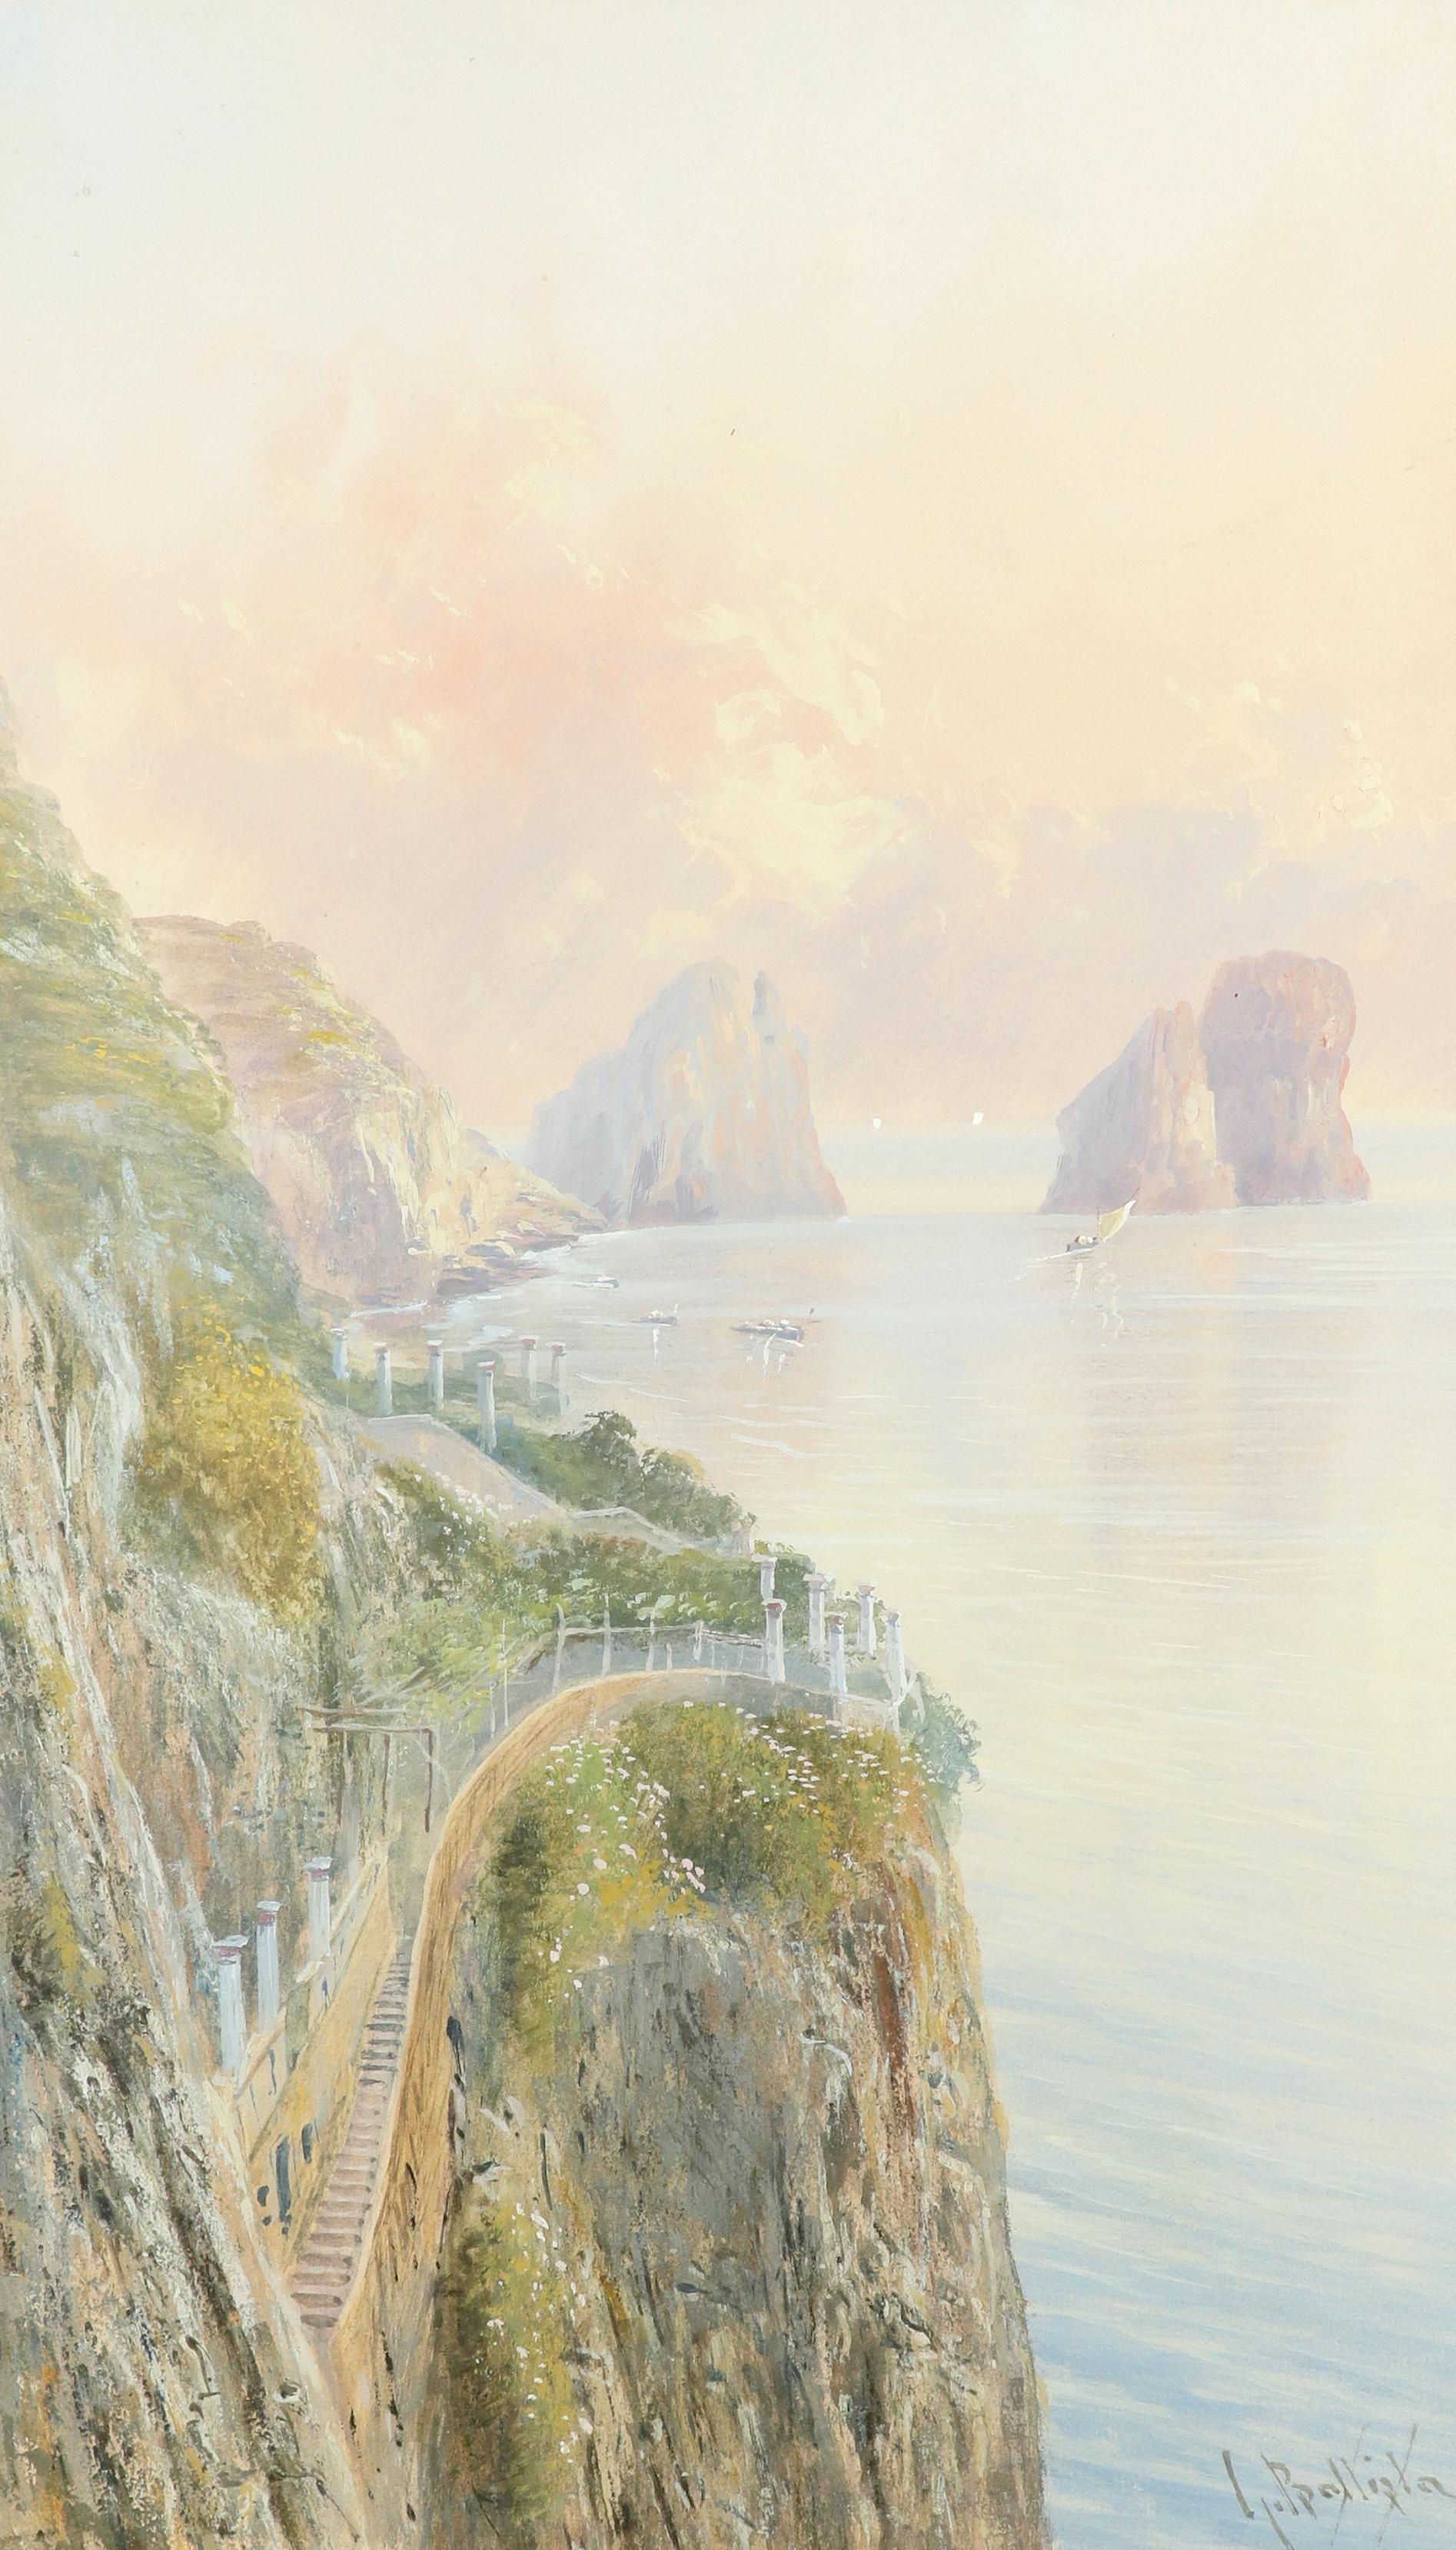 Giovanni Battista (Italian 1858-1925) View of the Faraglioni, Capri; View of a road on the Amalfi